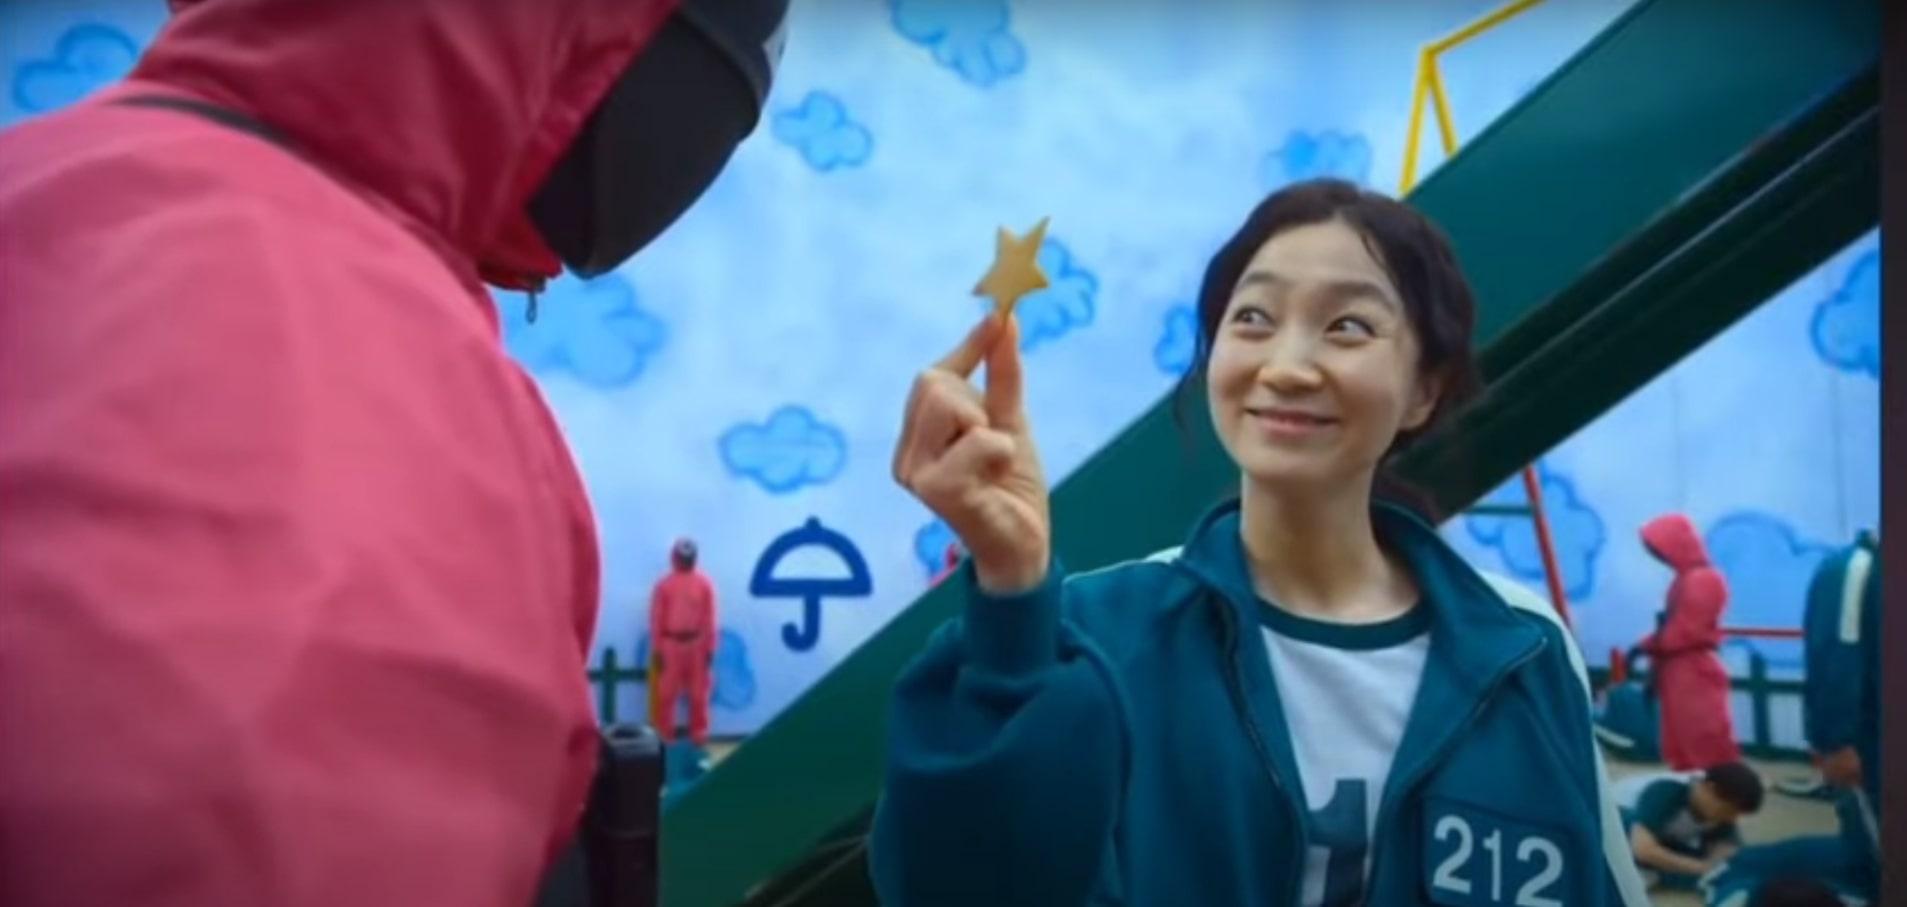 Does Han Mi-nyeo (212) Die in Squid Game?